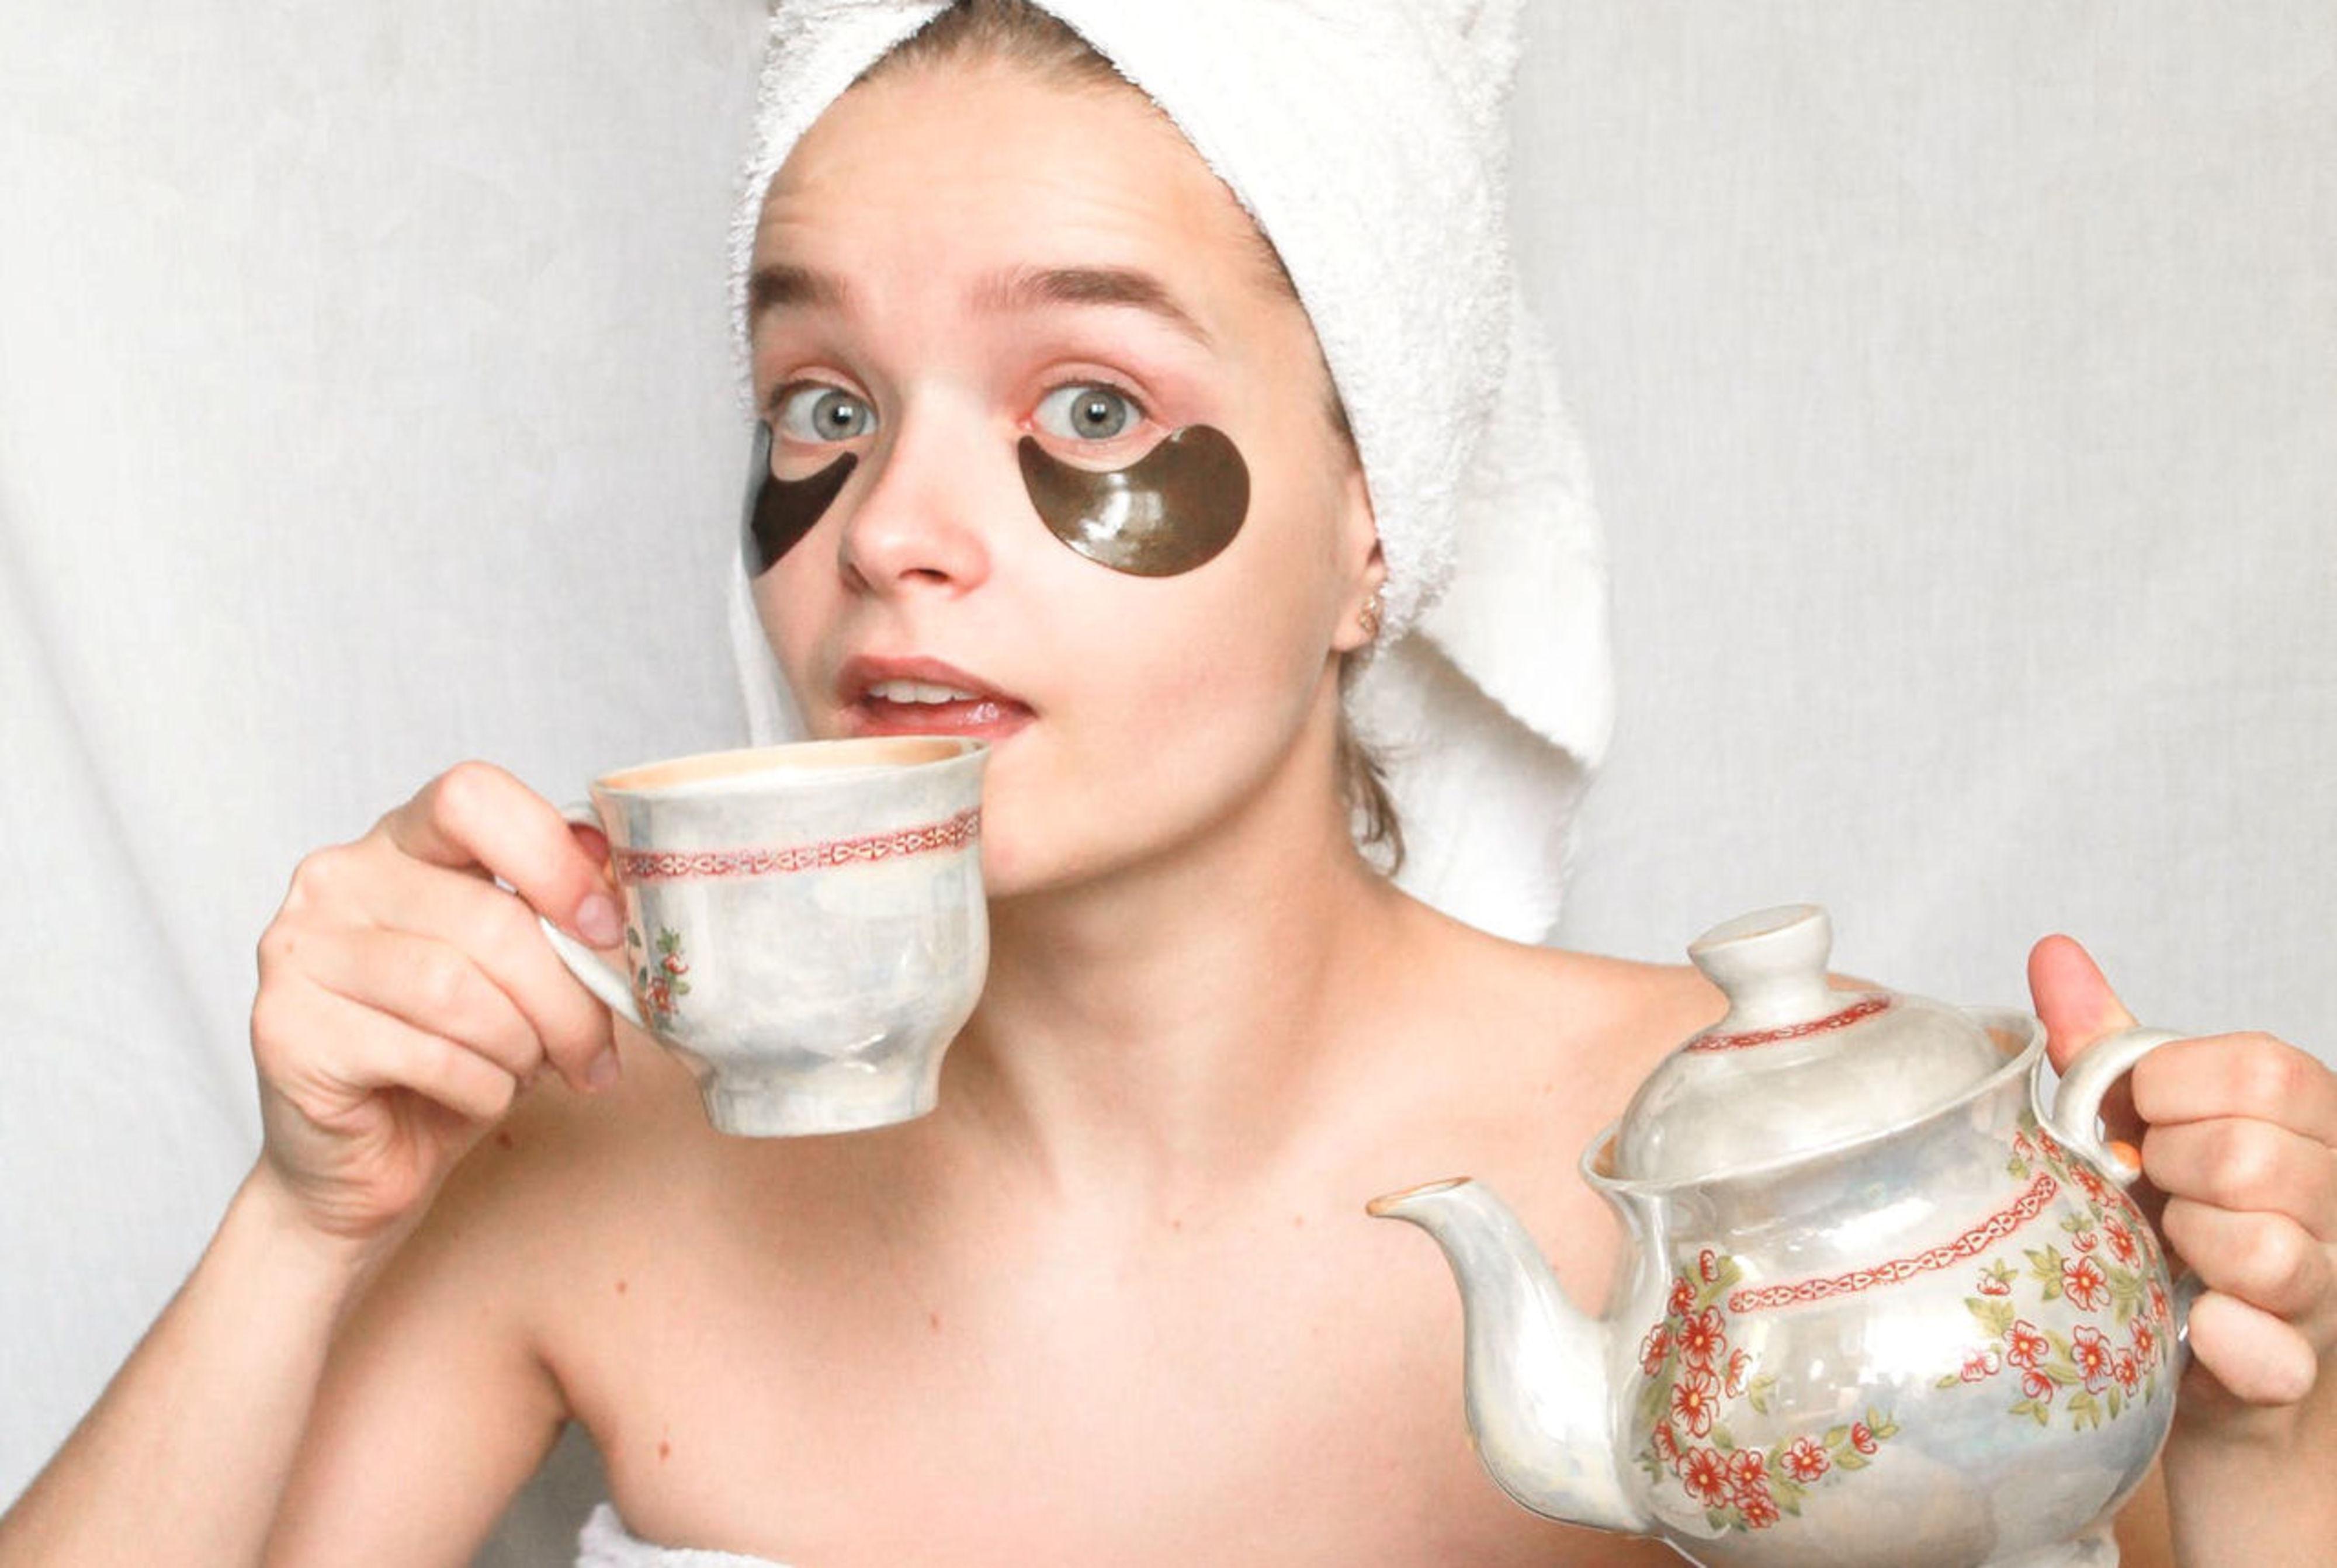 Beautybehandeling voor jullie trouwdag